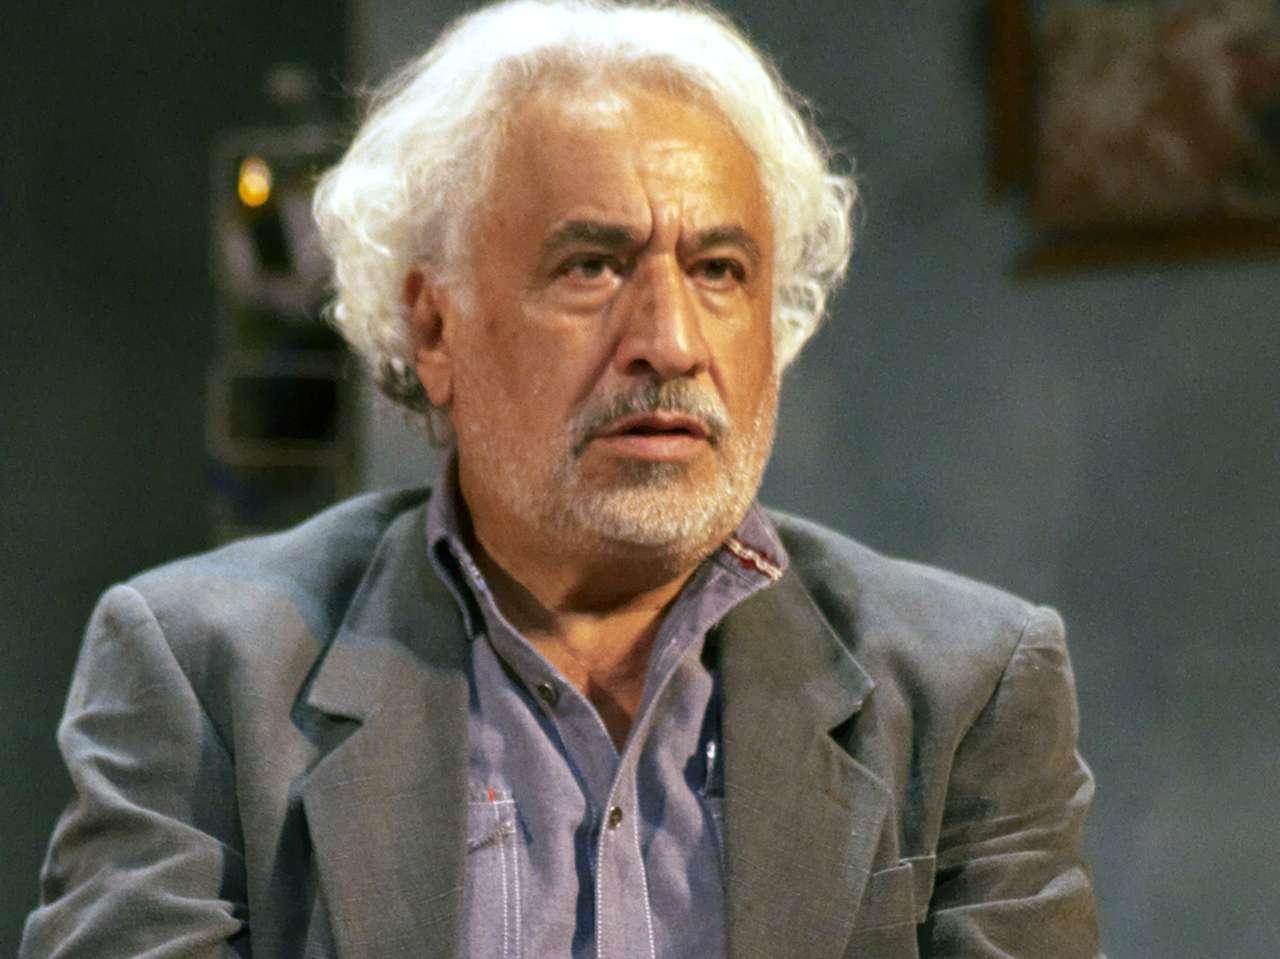 Rafael Inclán atribuye el éxito de la telenovela a la producción de Juan Osorio. Foto: Medios y Media